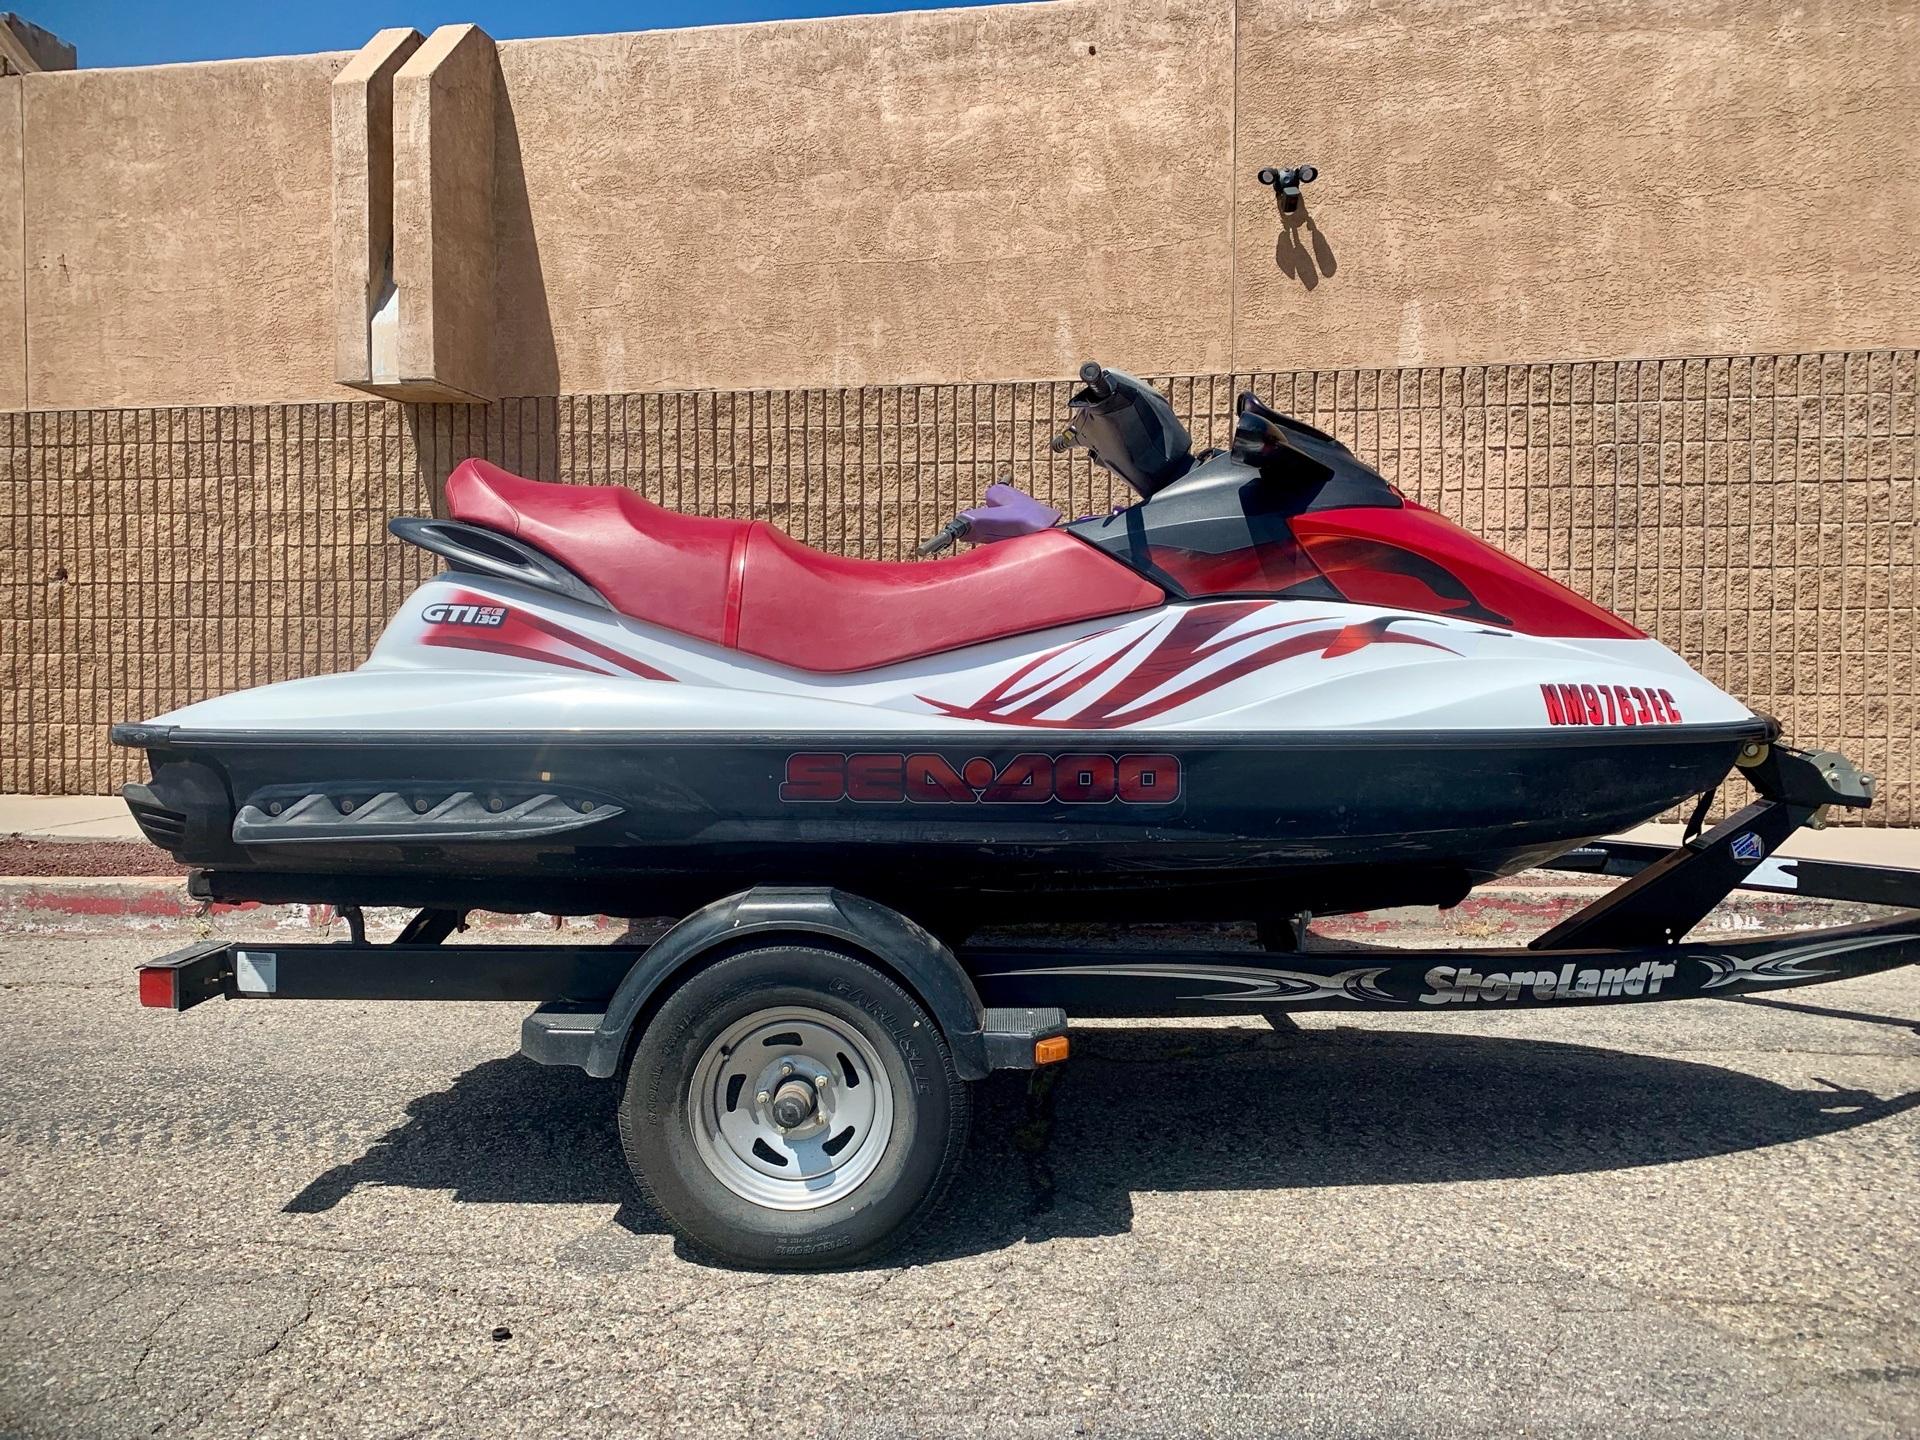 2008 Sea-Doo GTI SE 130 1